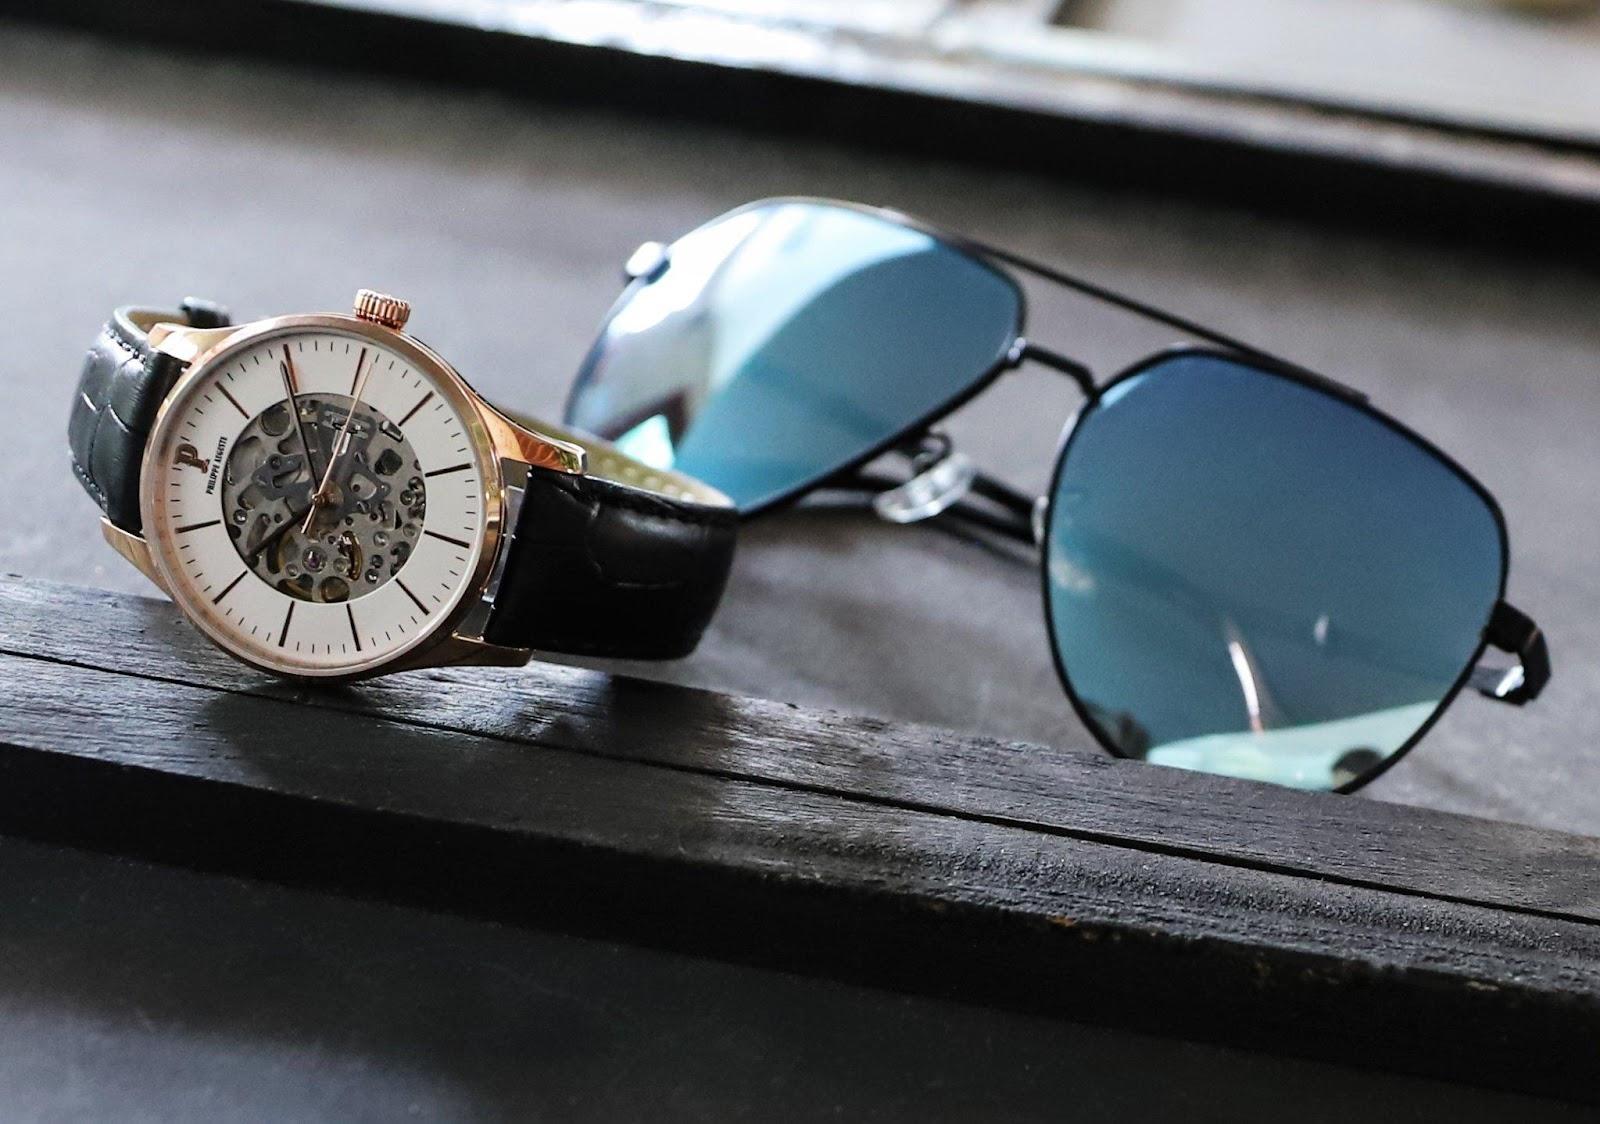 Black Friday với ưu đãi cực khủng từ Đăng Quang Watch giảm ngay 30% mua ngay kẻo lỡ - Ảnh 3